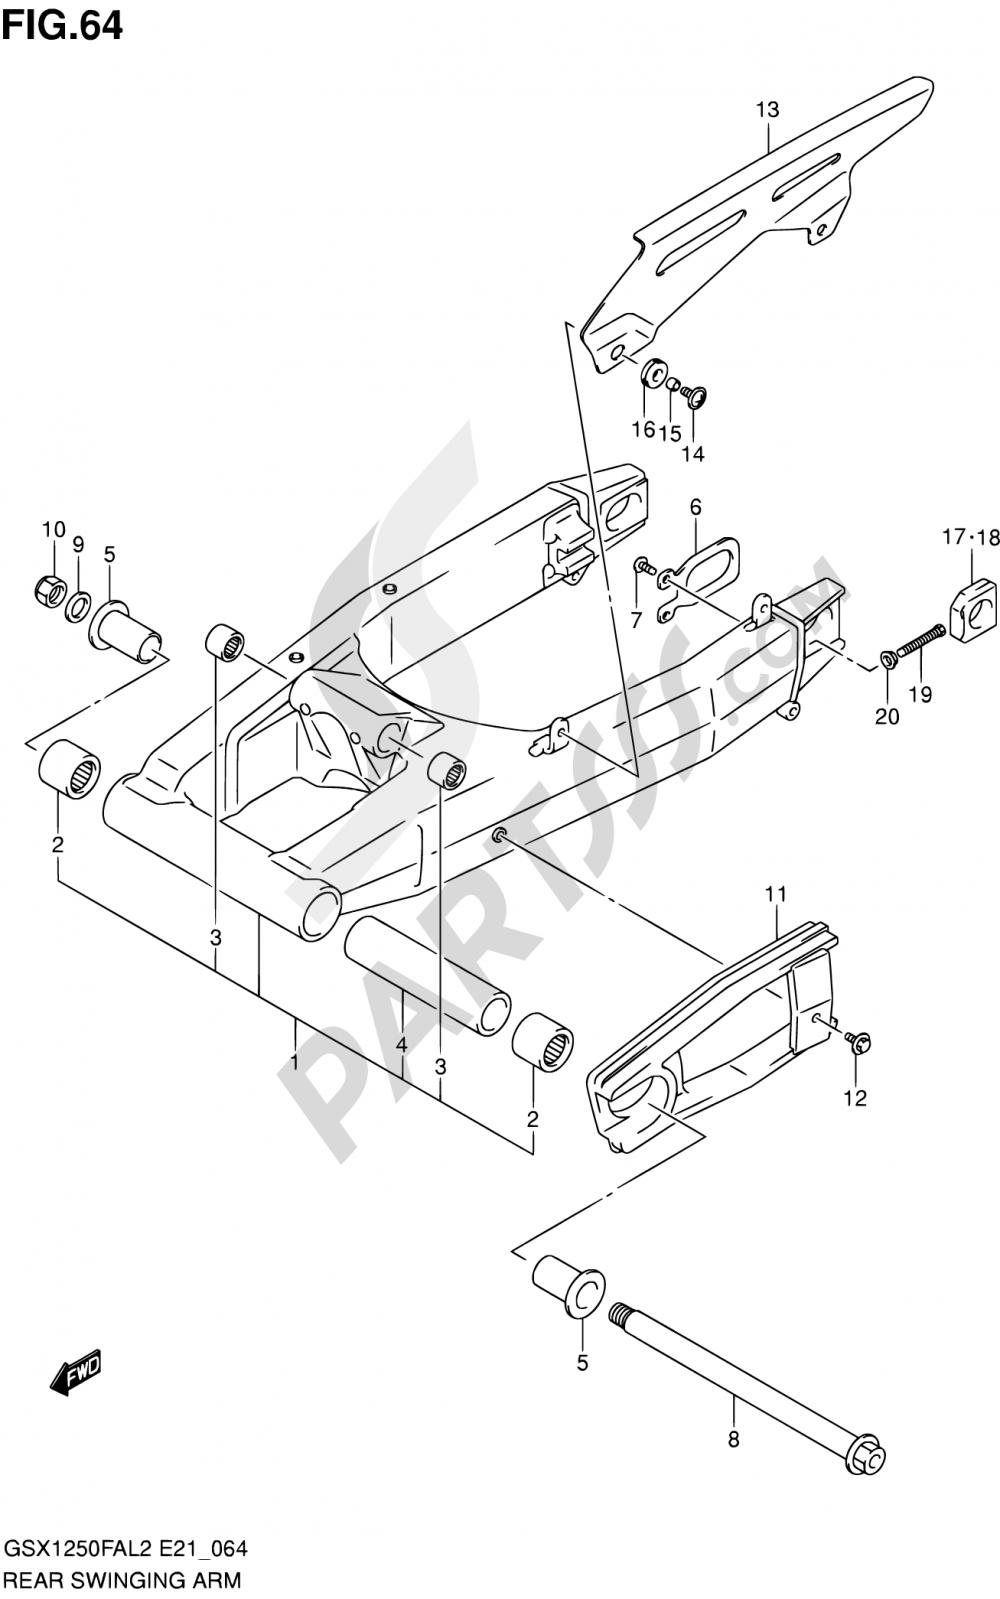 64 - REAR SWINGING ARM Suzuki GSX1250FA 2012